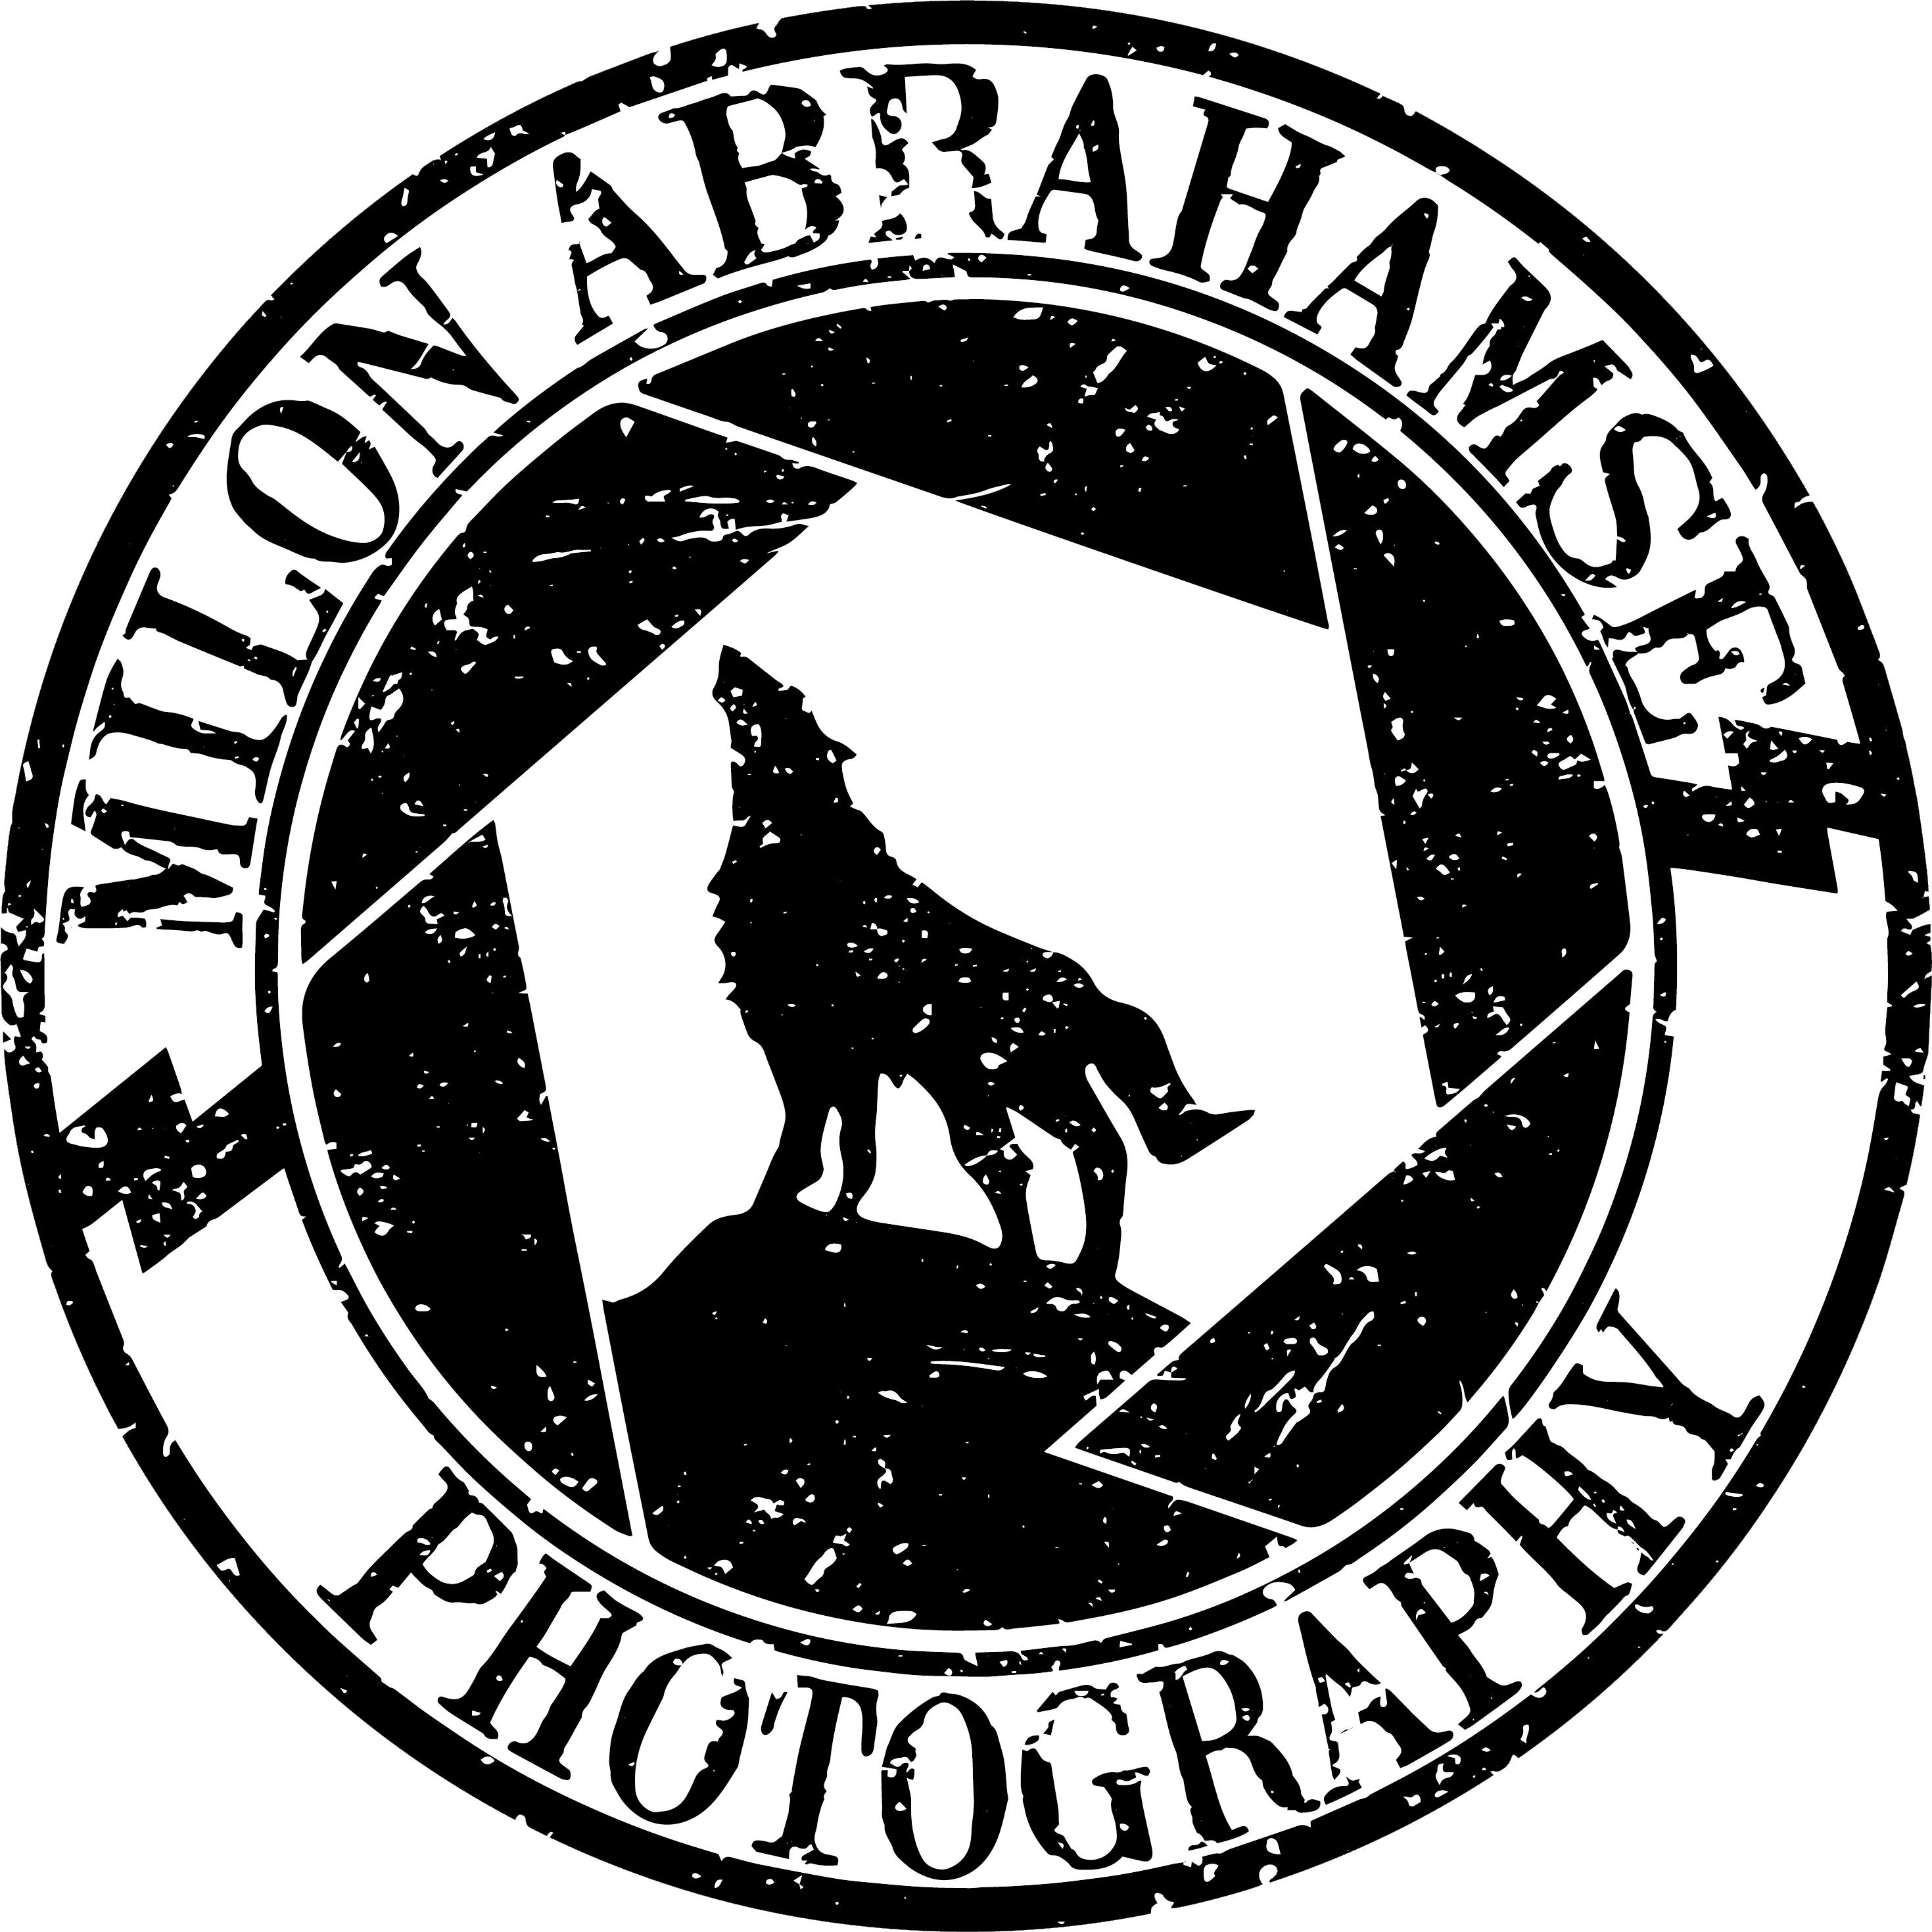 Milon Abrahamse